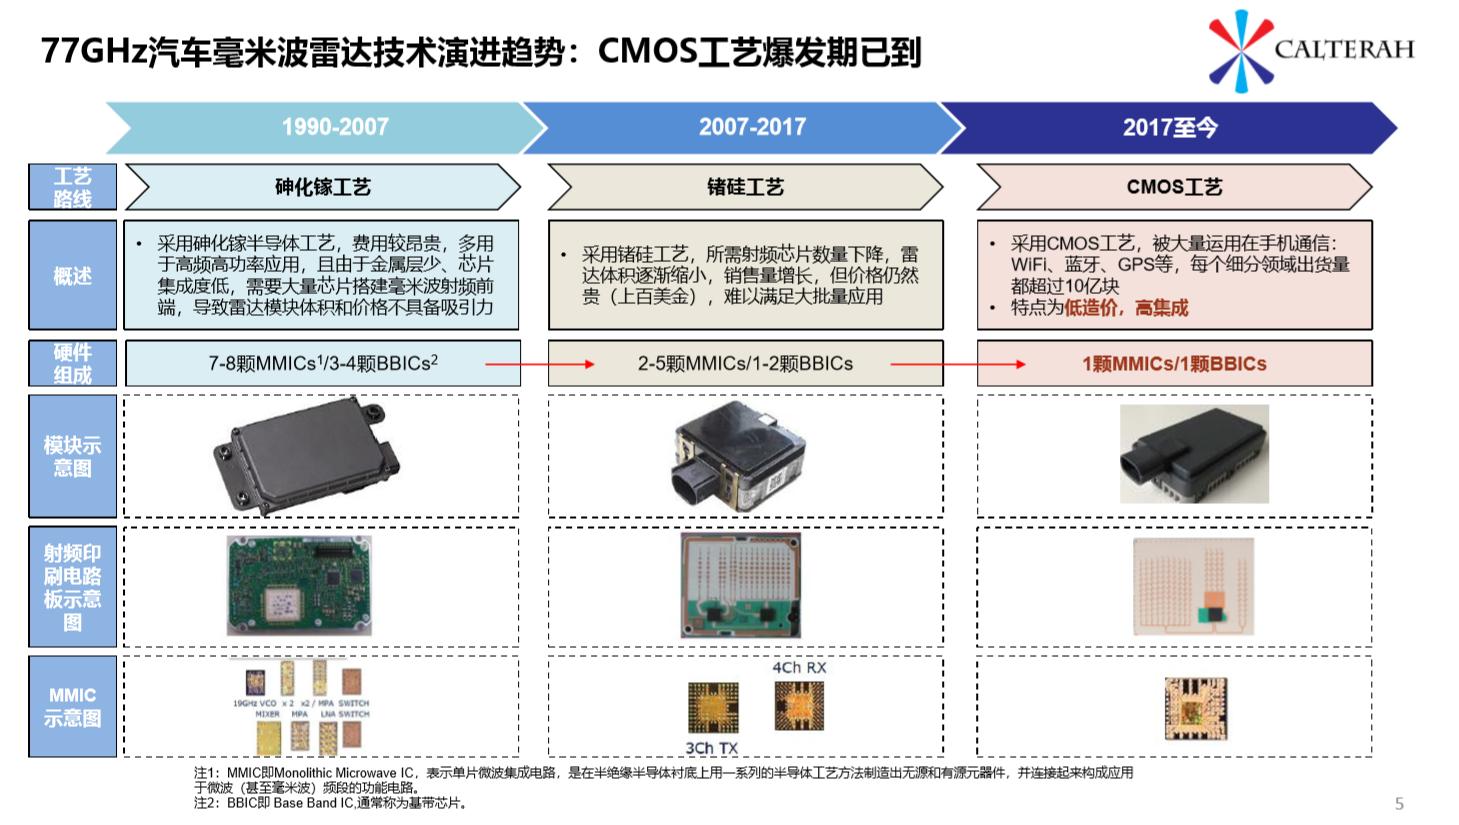 加特蘭發布全新毫米波雷達芯片,更快、更靈活、更可靠